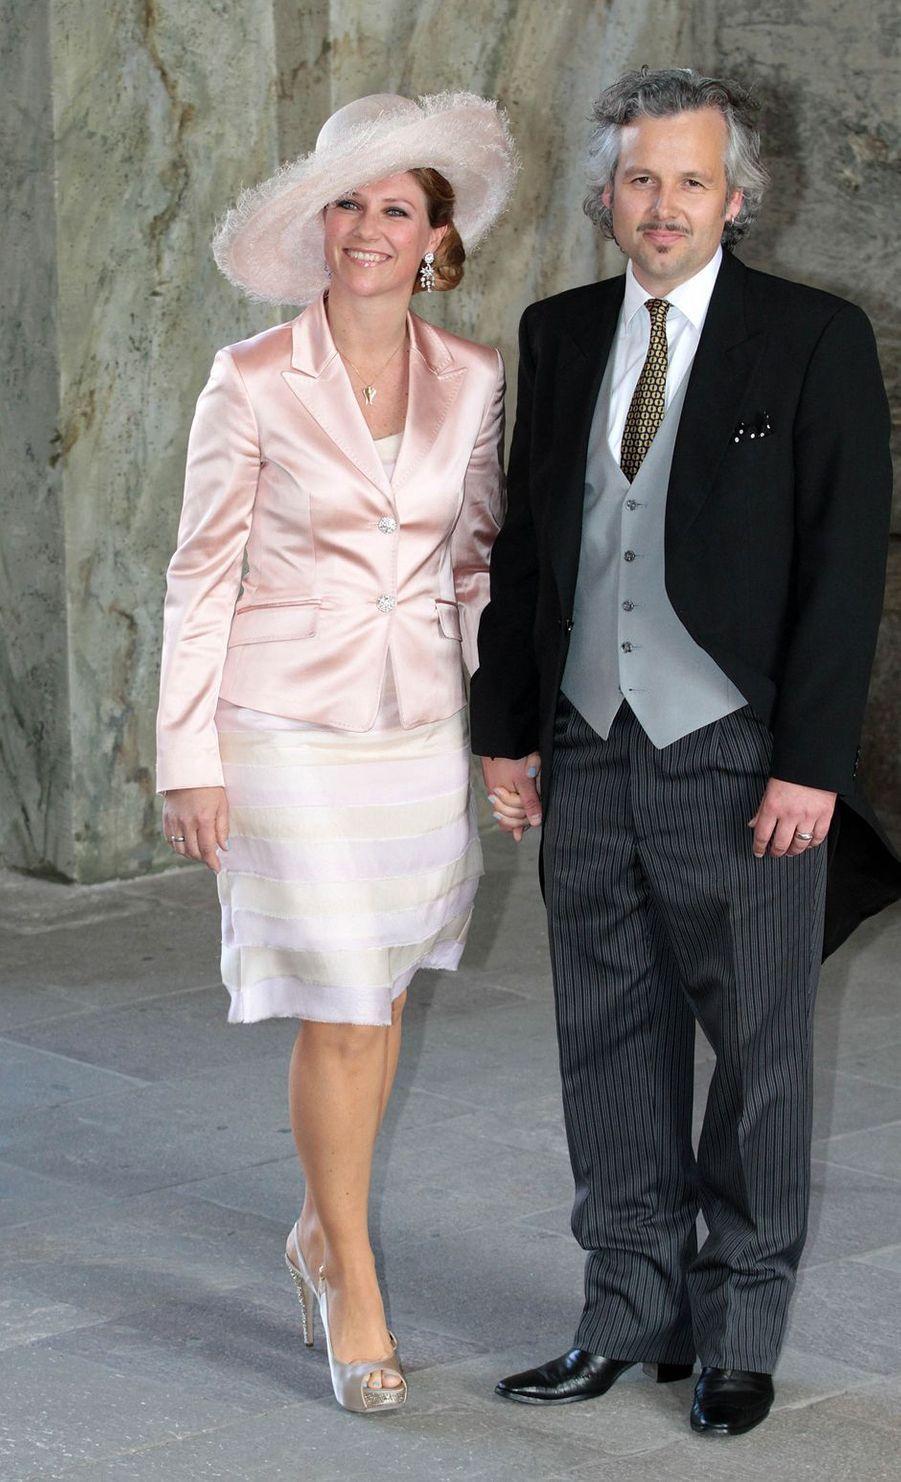 La princesse Märtha Louise de Norvège et Ari Behn au baptême de la princesse Estelle de Suède, le 22 mai 2012